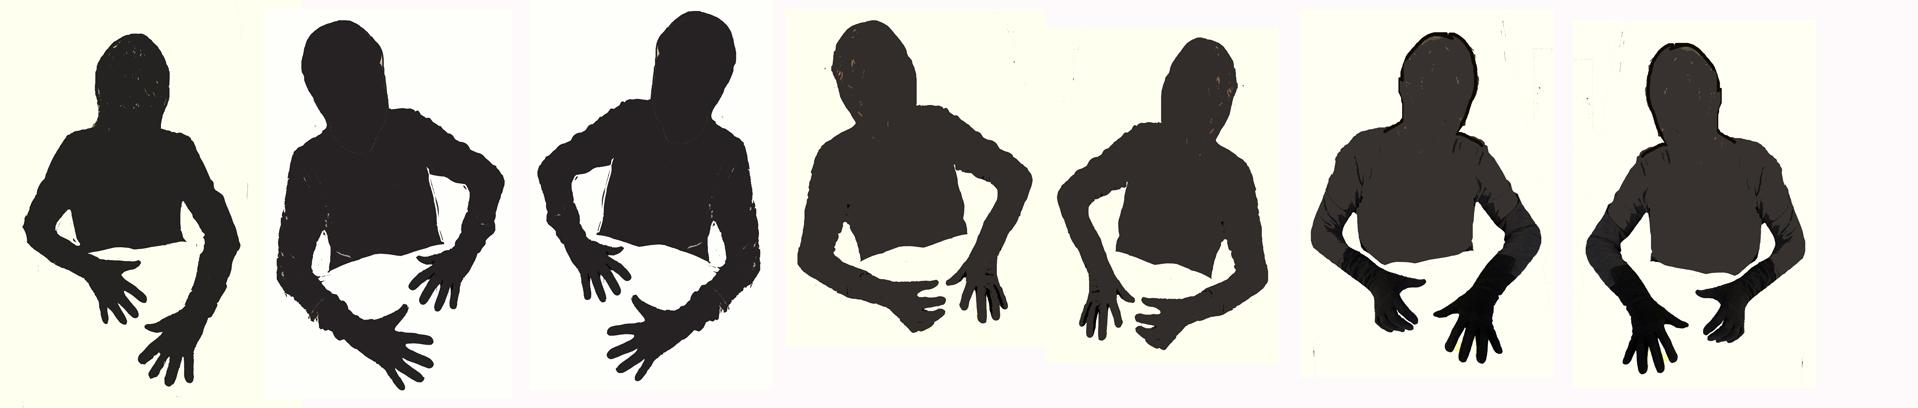 HAND outlinesb.jpg